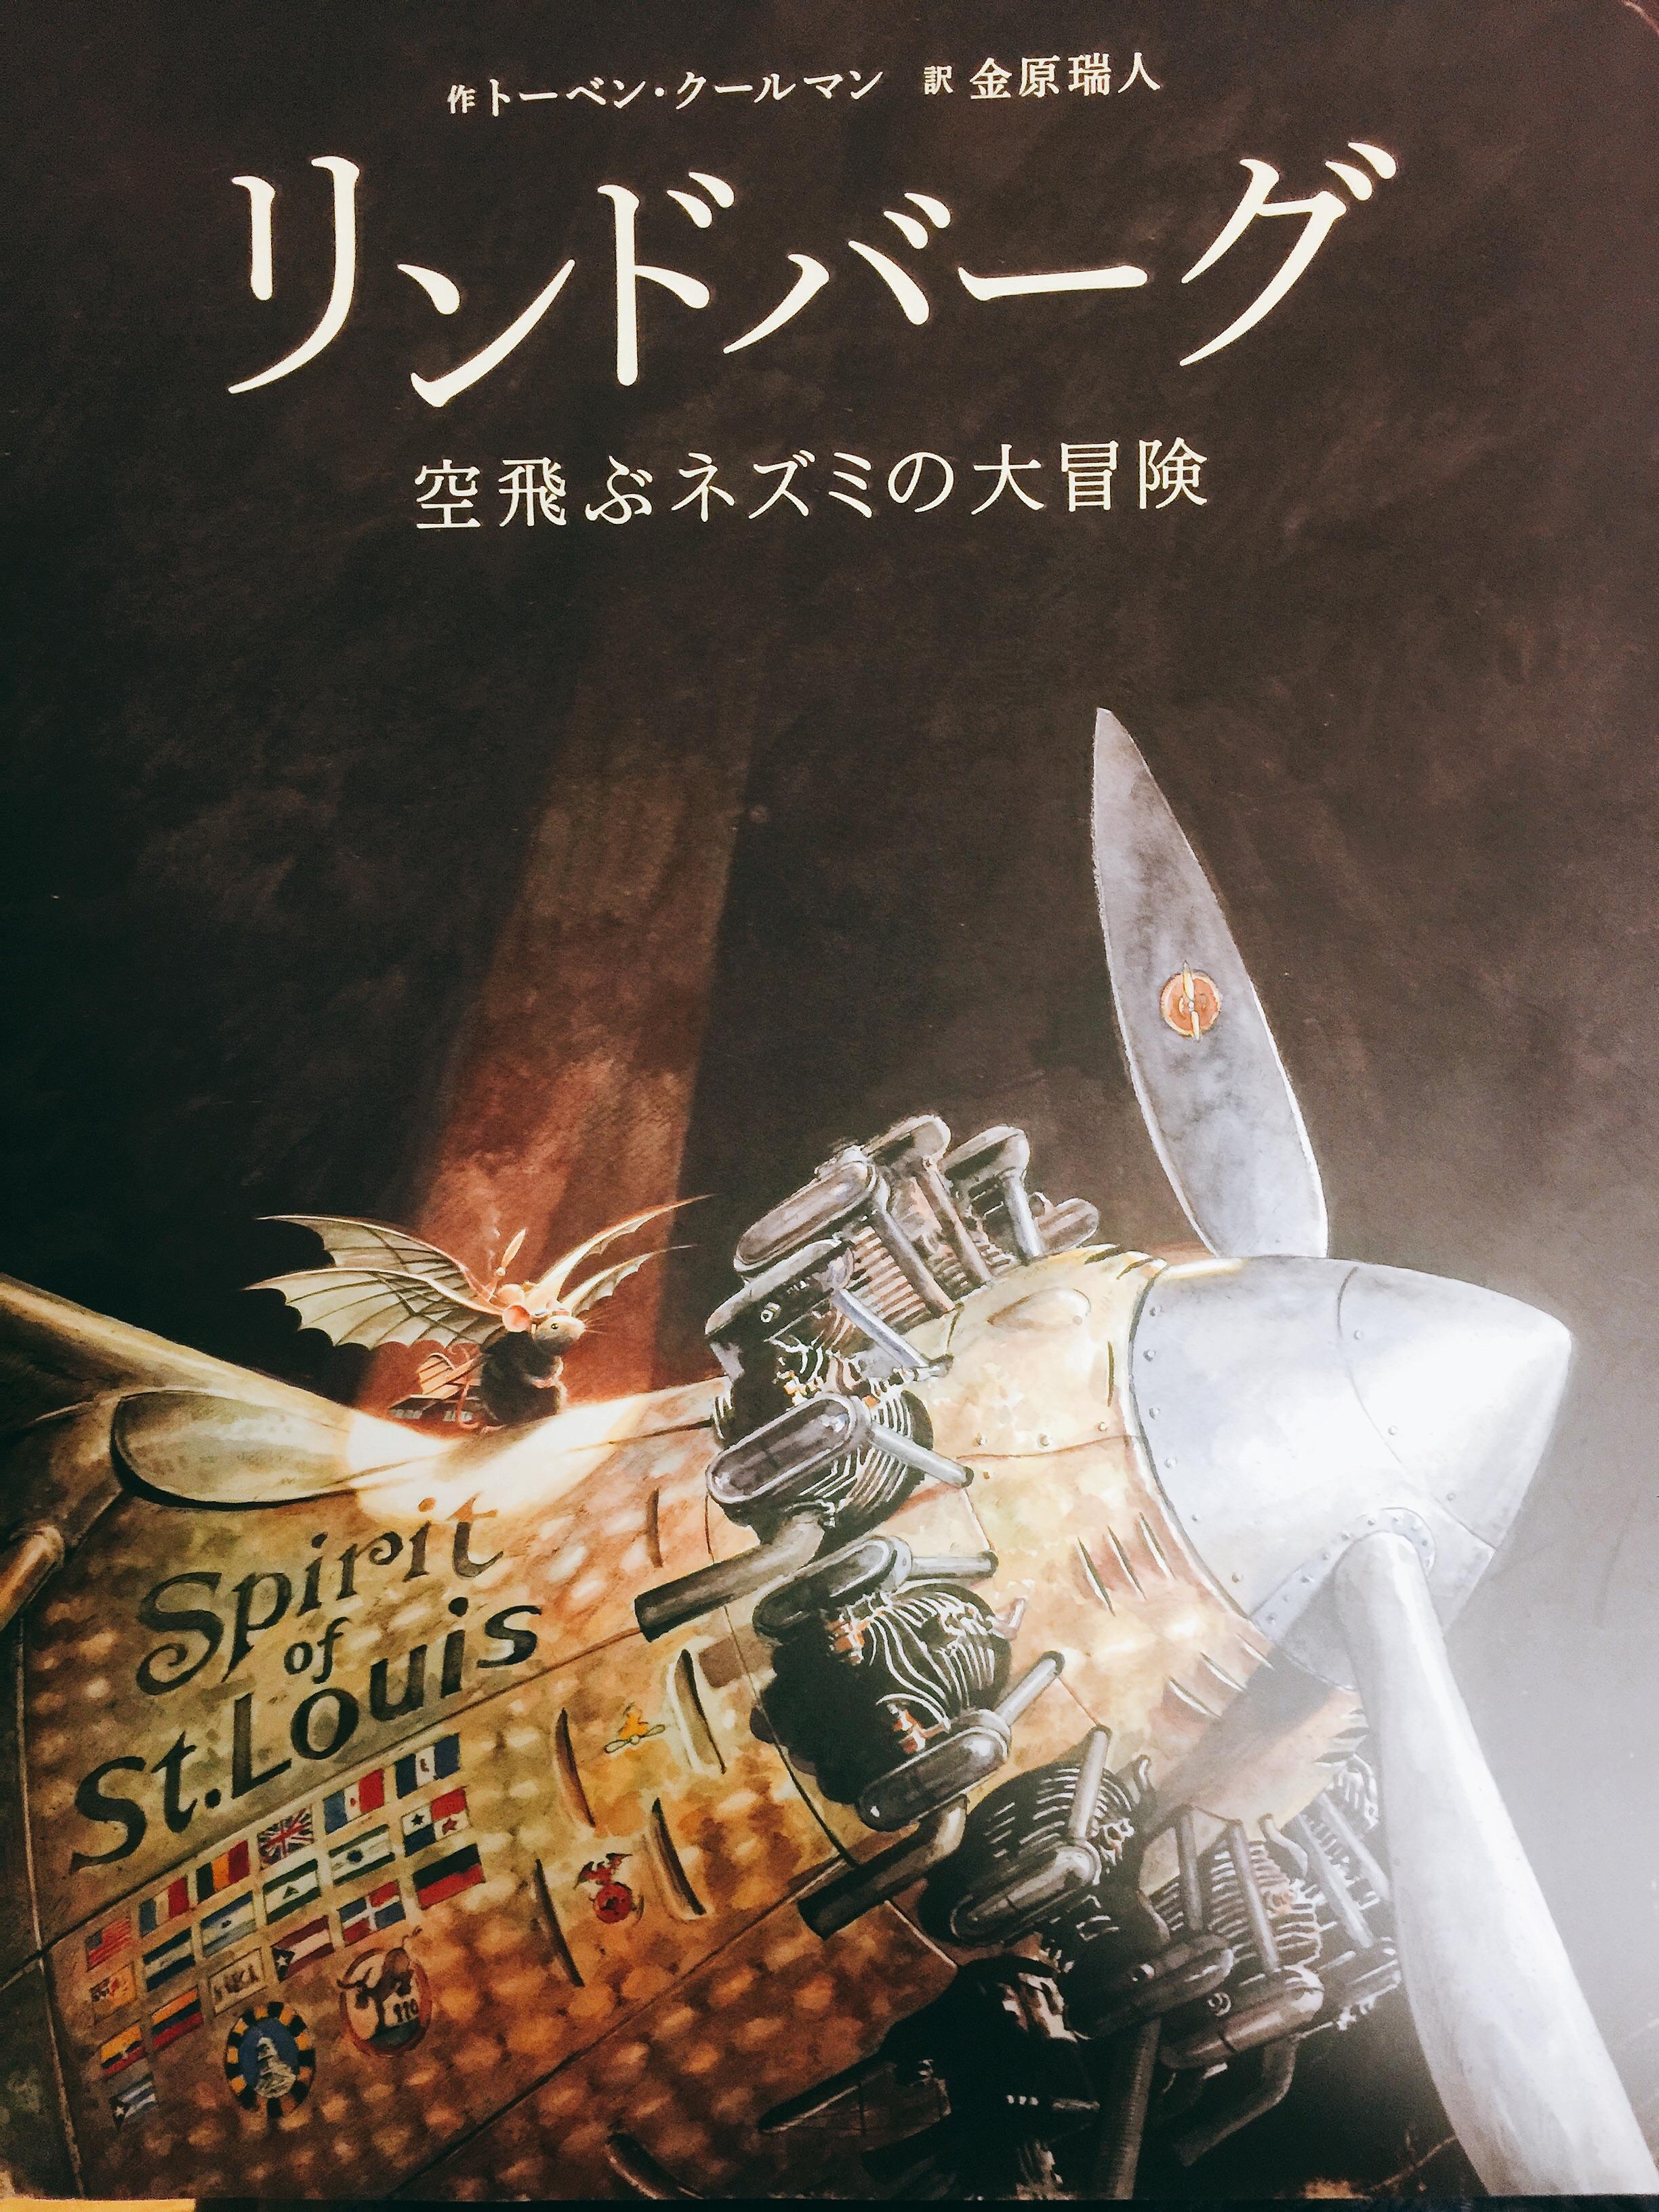 『リンドバーグ 空飛ぶネズミの大冒険』 感想 絵本